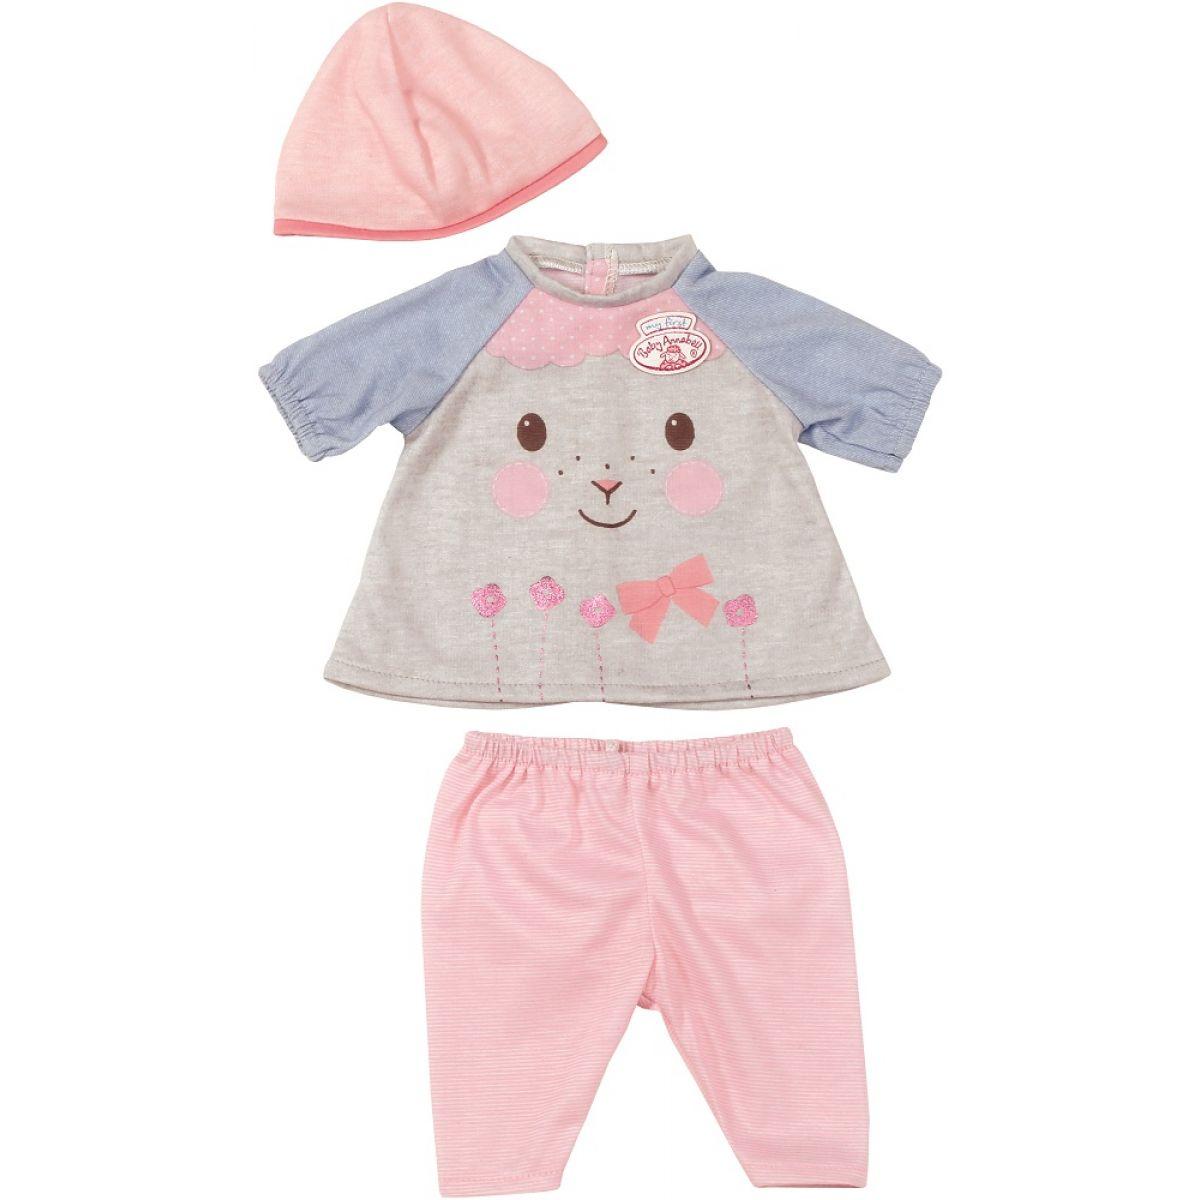 My First Baby Annabell Oblečení pro volný čas - Šedivé tričko